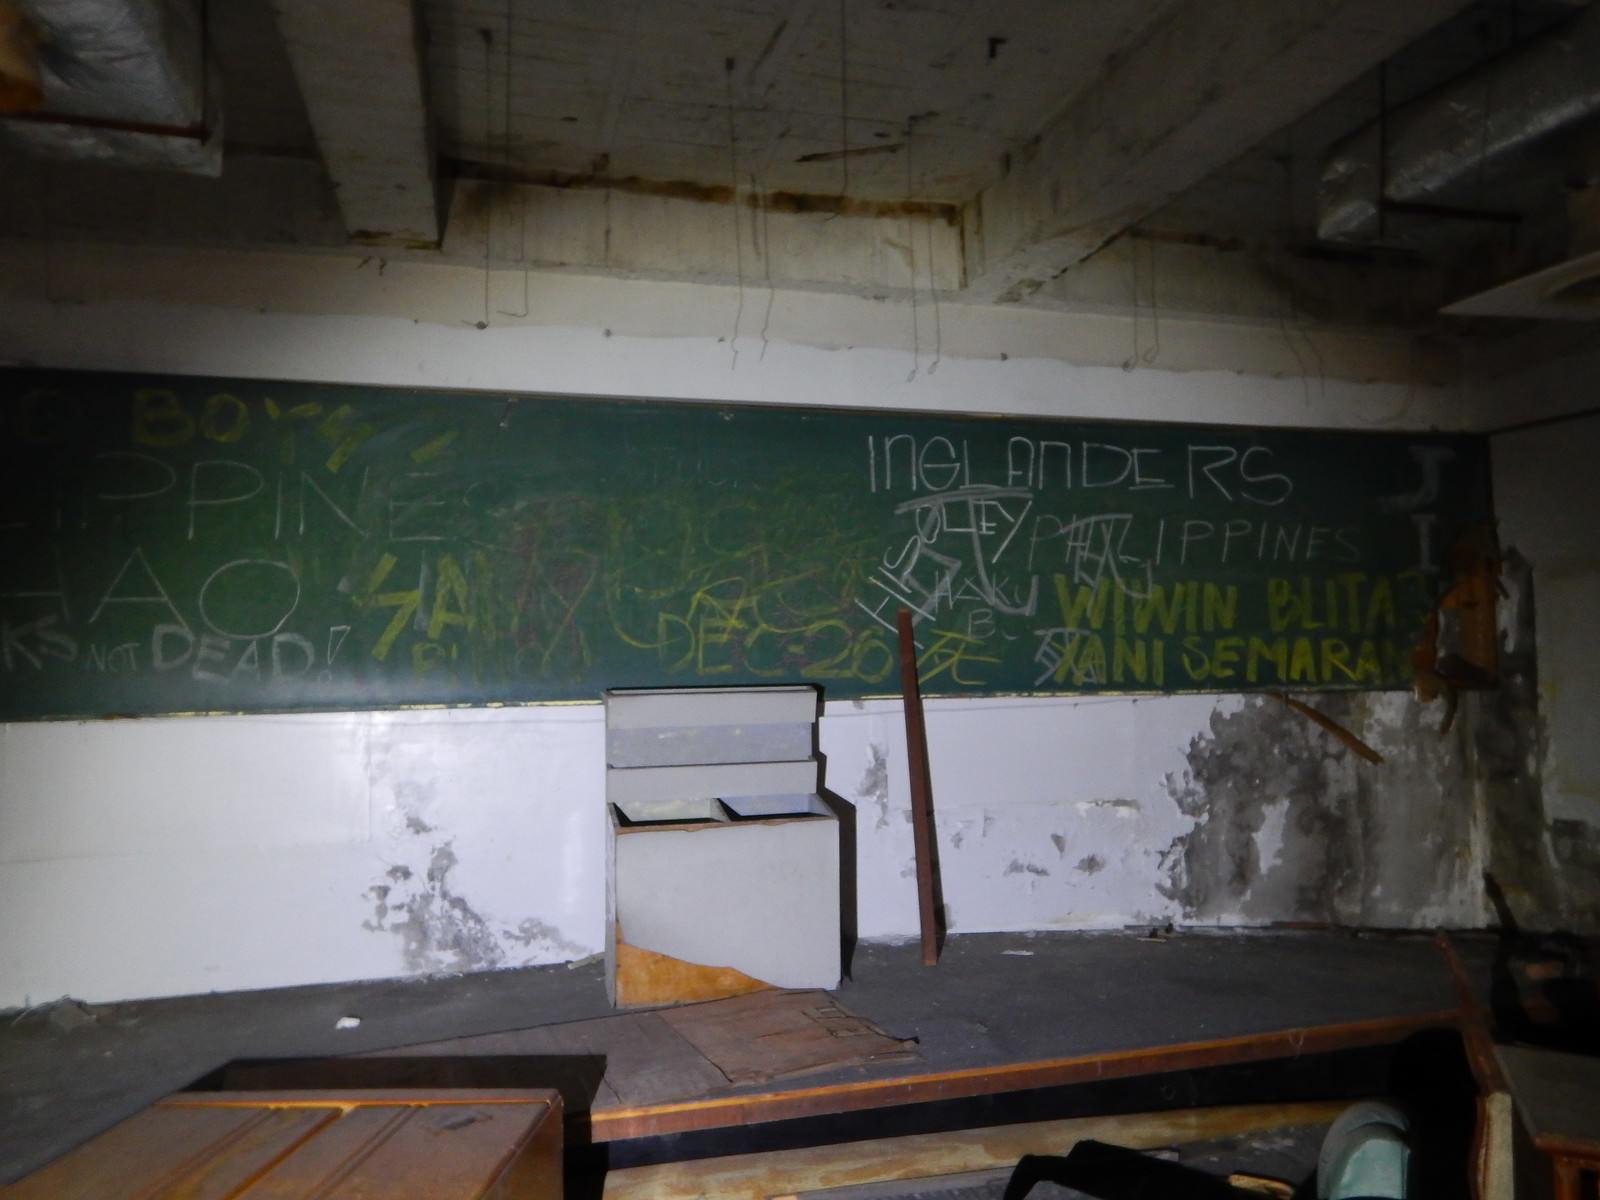 「落書きされた廃校の黒板(台湾学習塾跡)」の写真